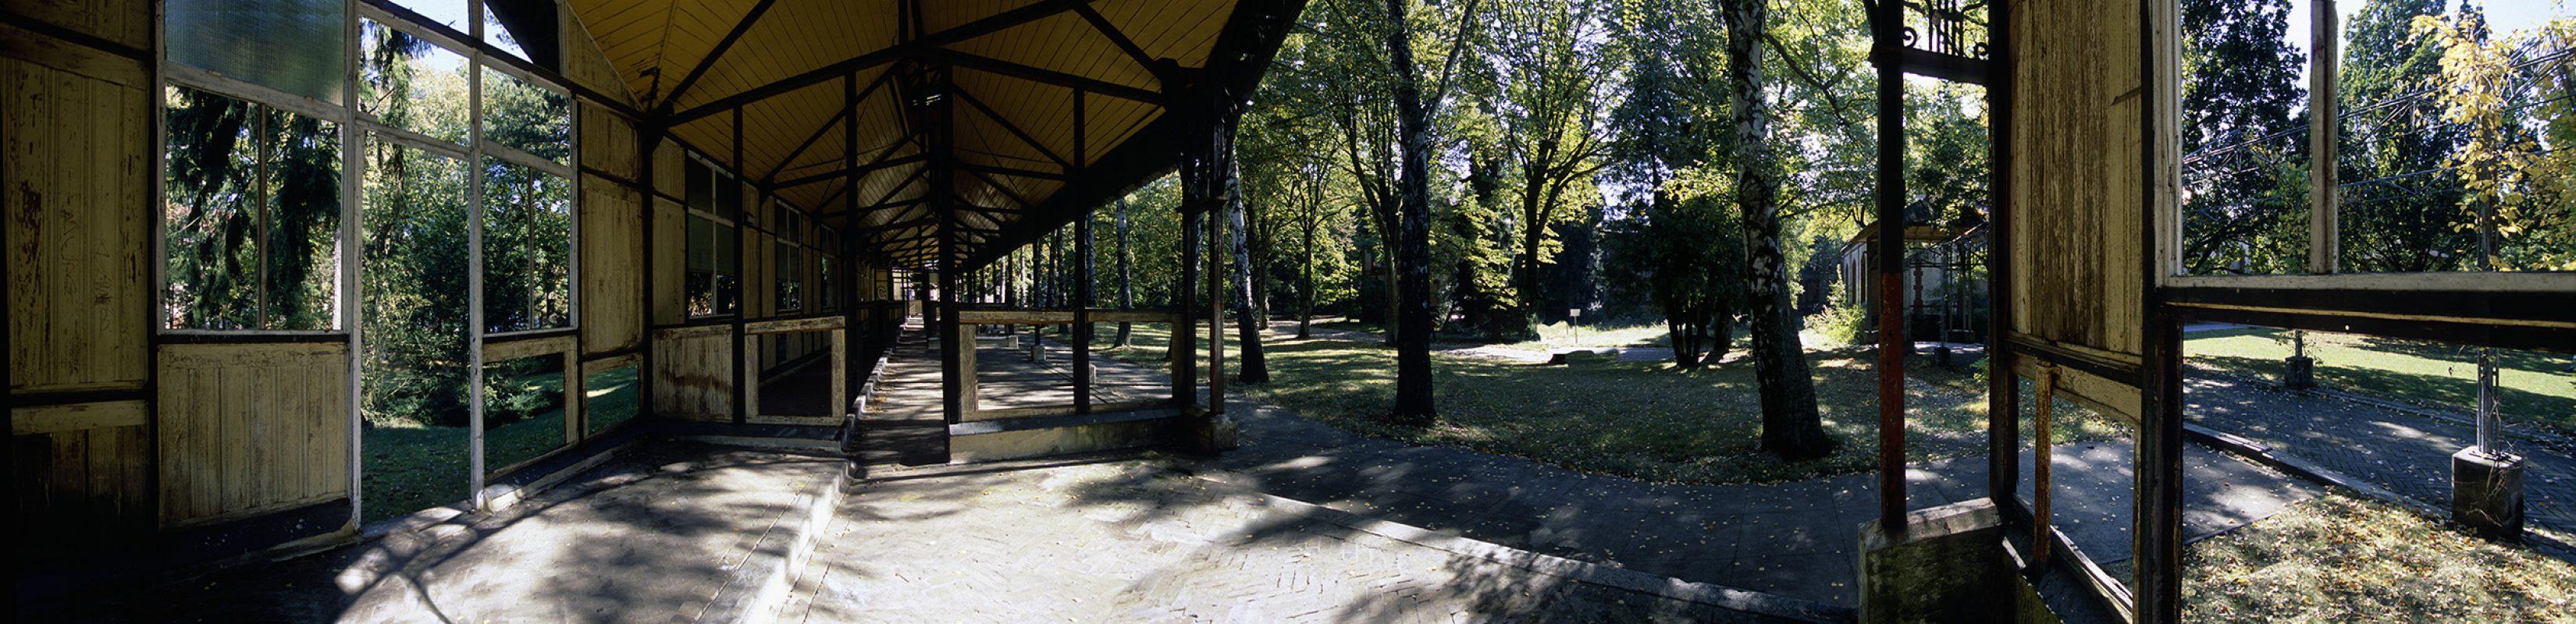 Beelitz-Heilstätten, aussenanlage